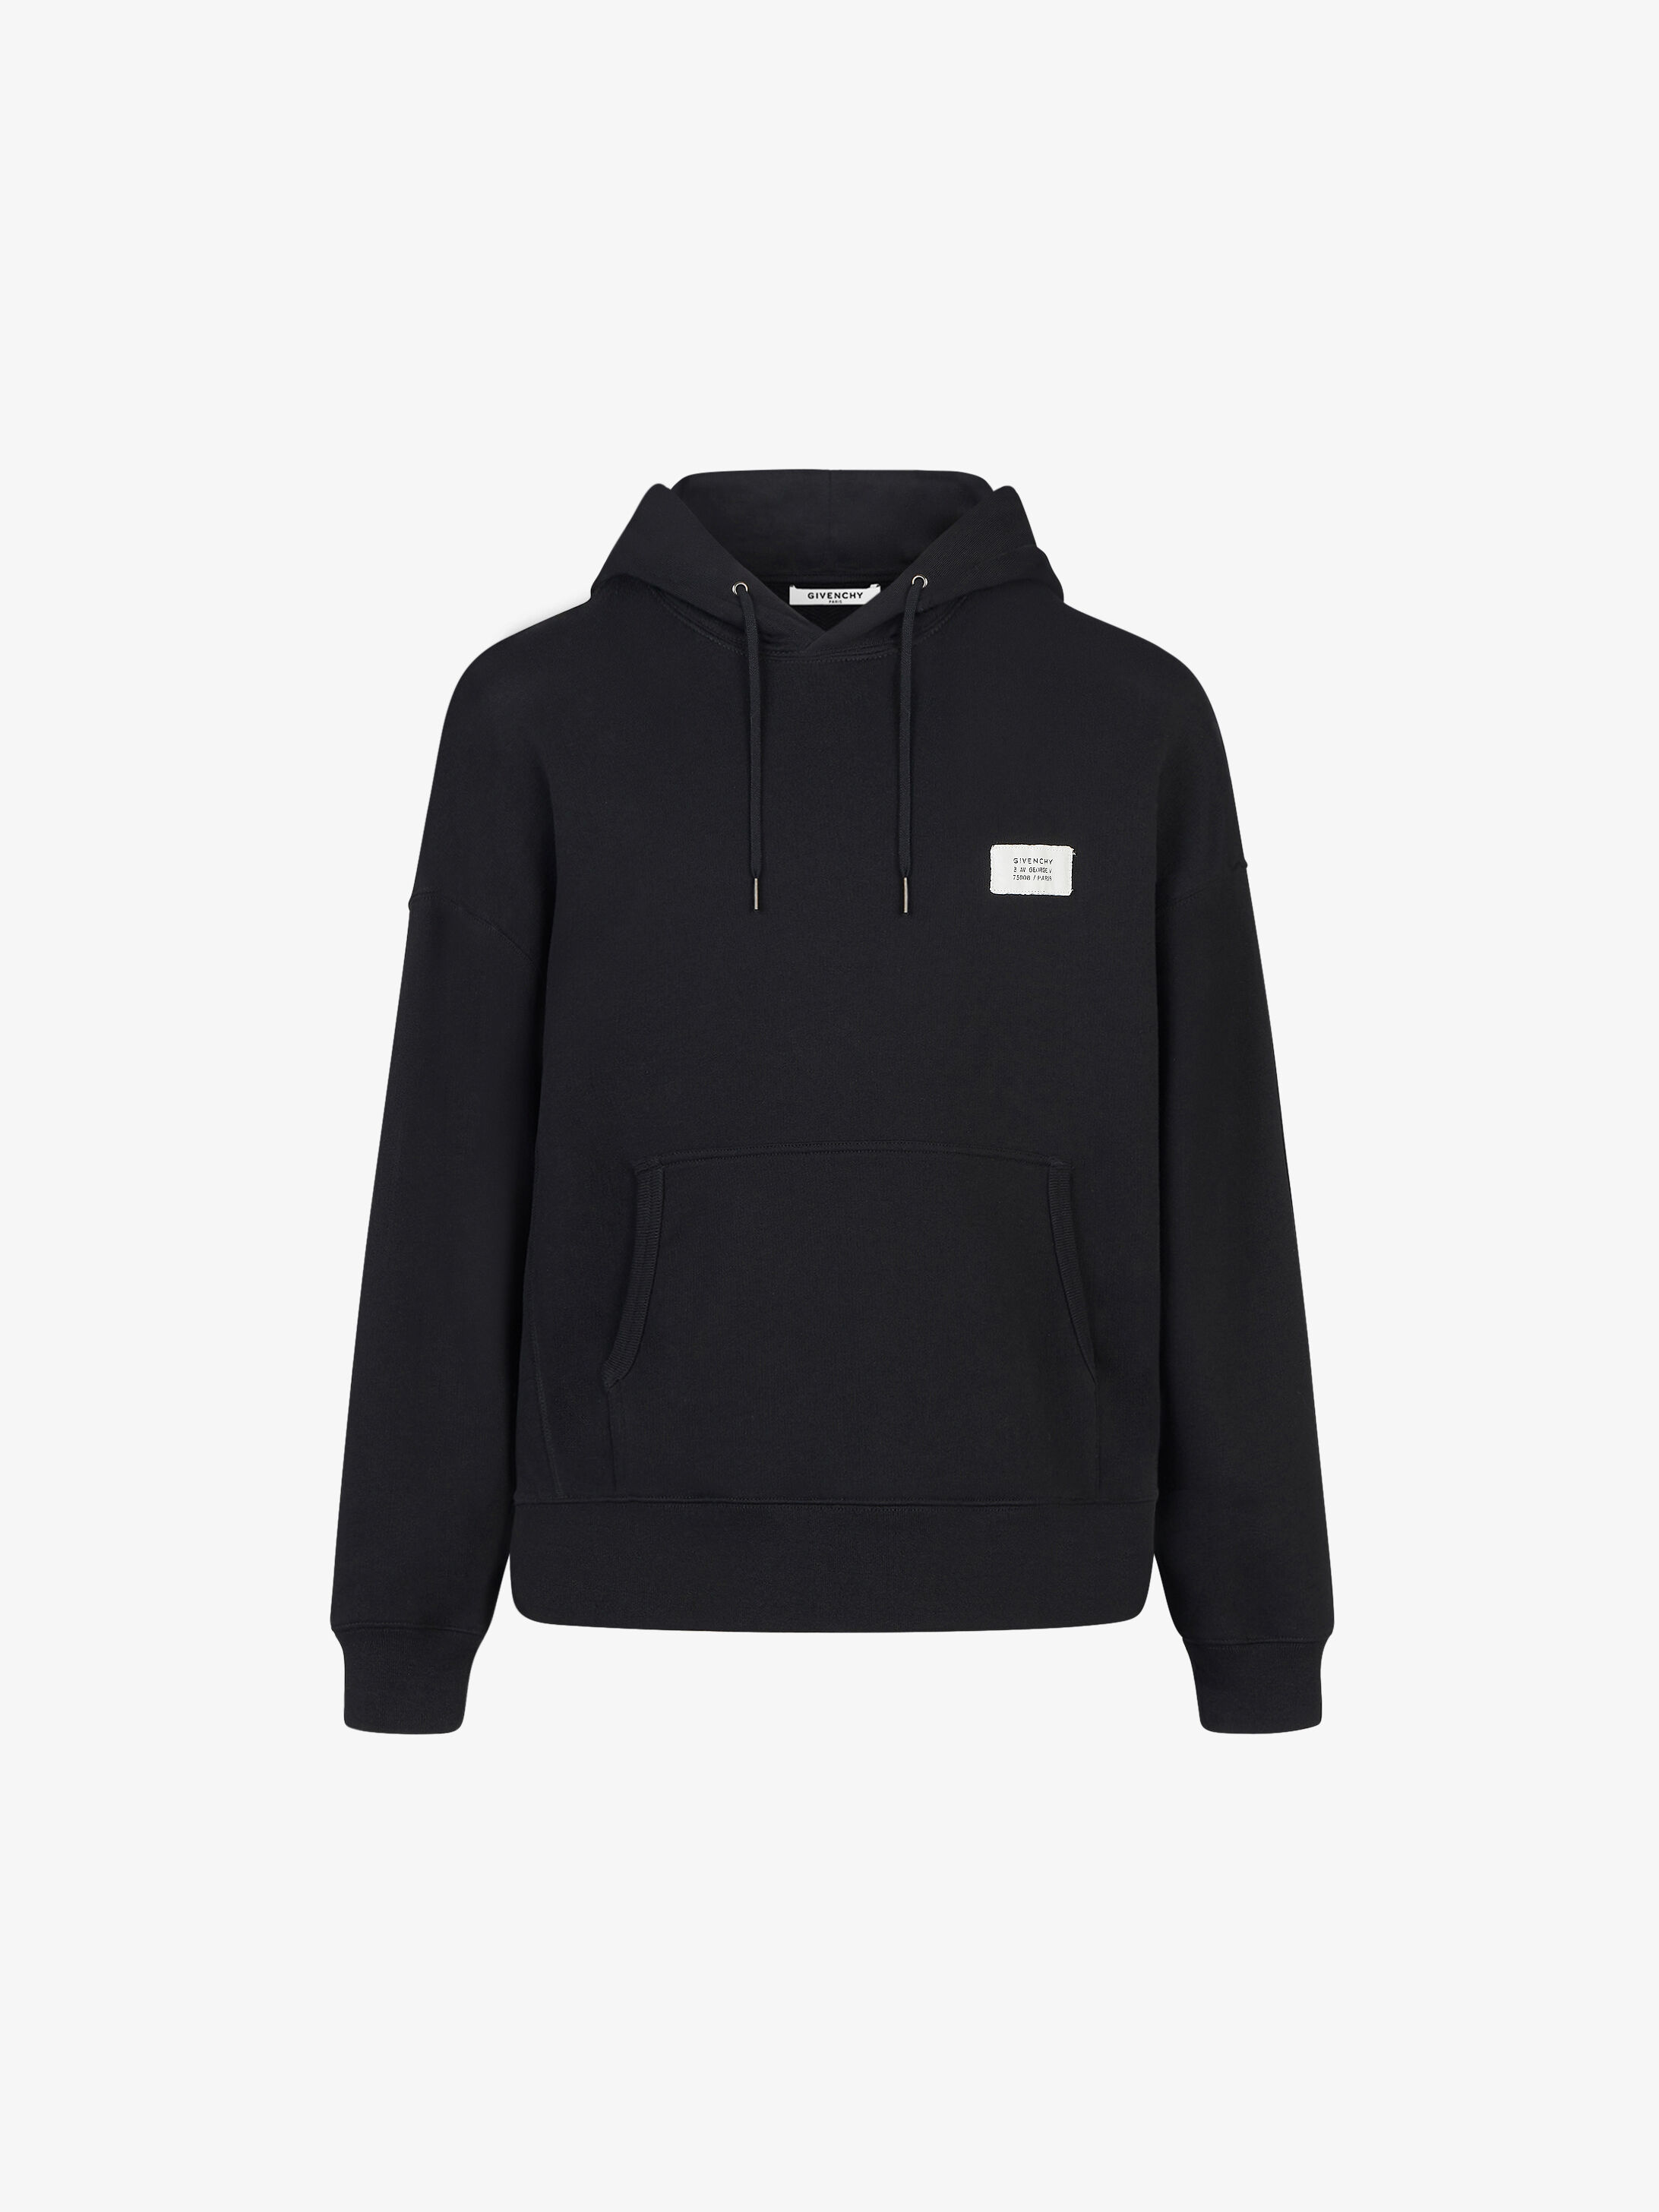 ab6a5c97ef4 La collection Sweatshirts Homme par Givenchy.